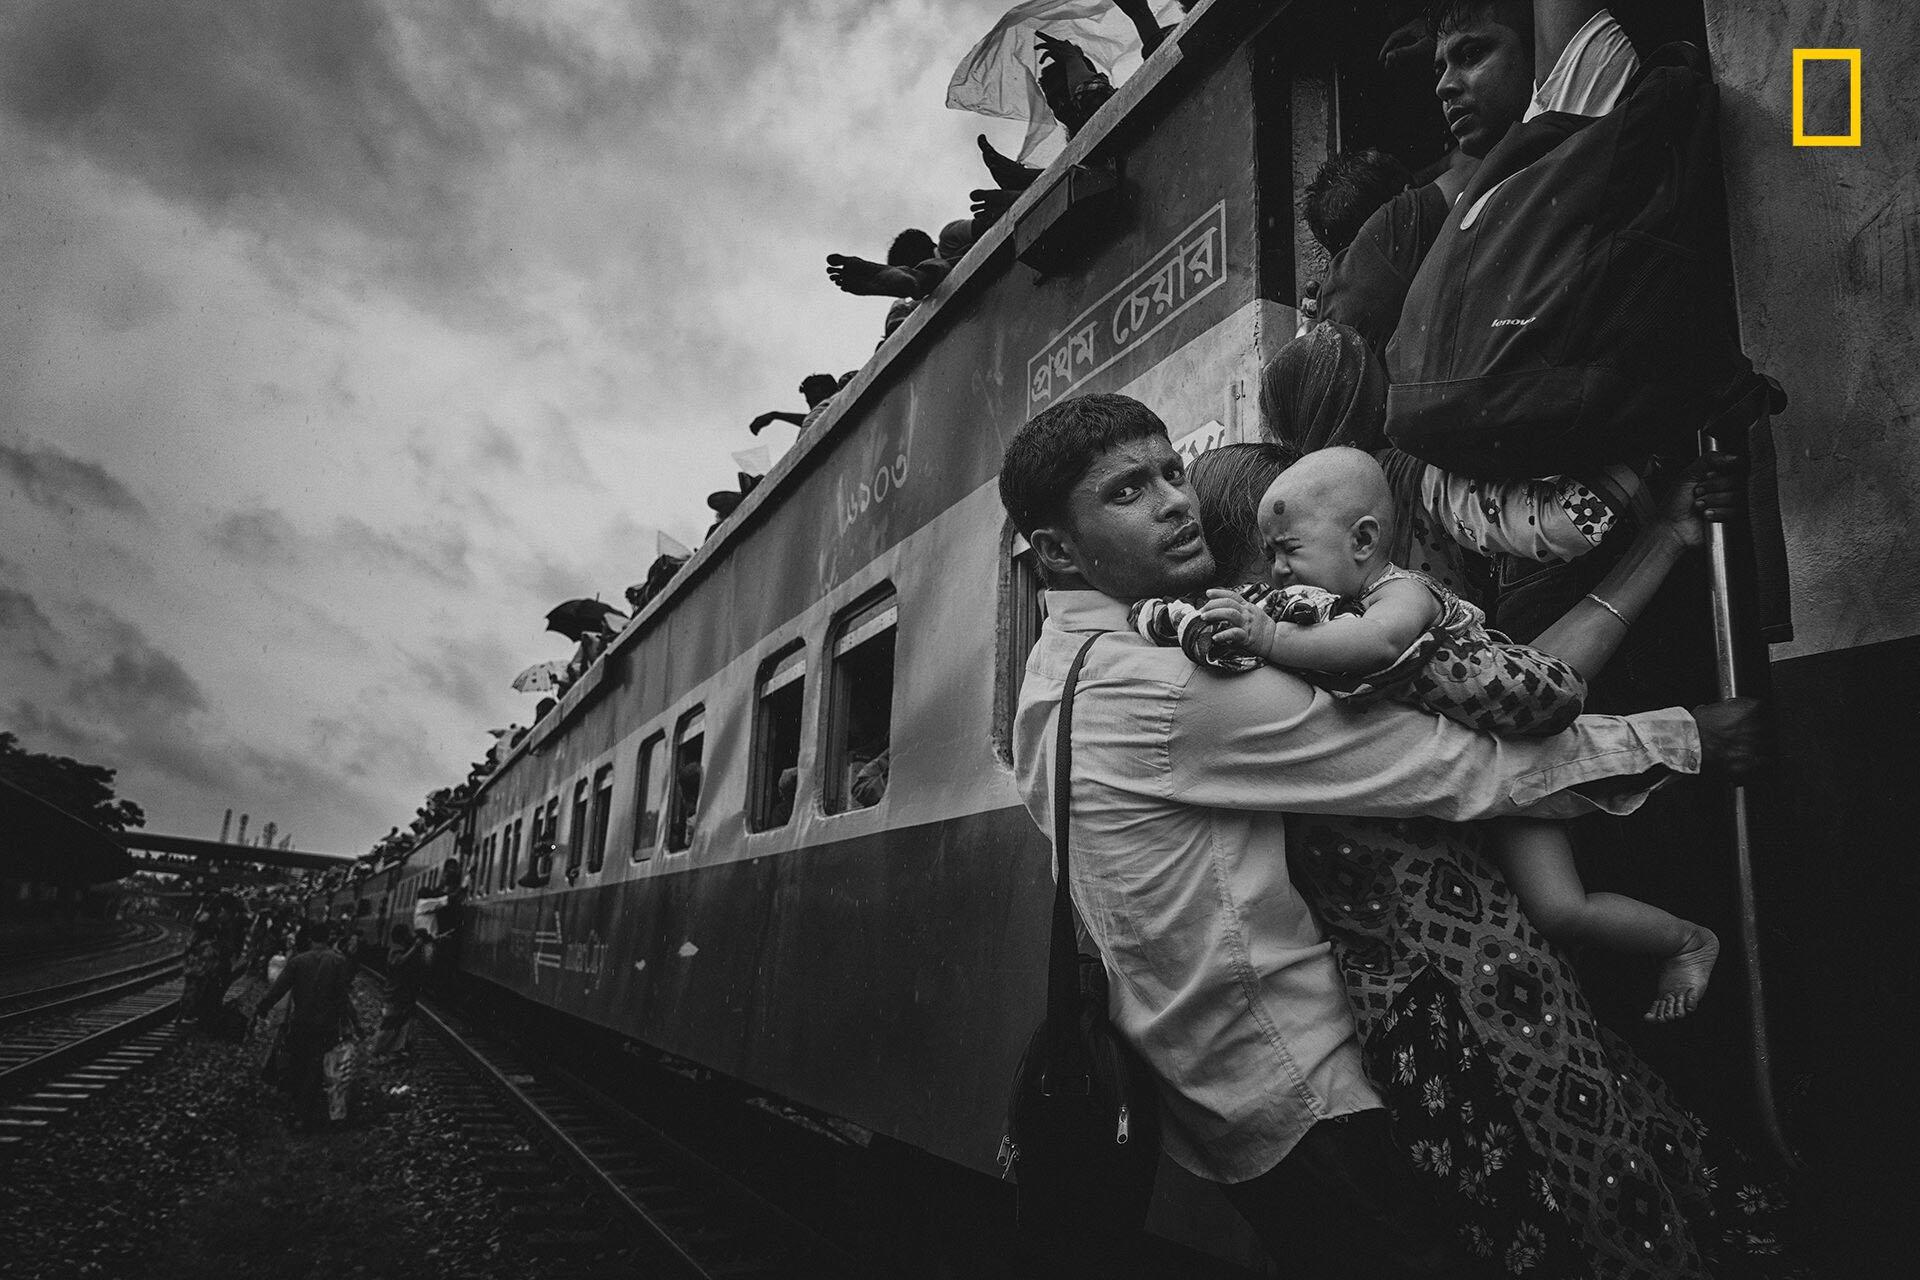 Cùng chiêm ngưỡng các bức ảnh đoạt giải ảnh du lịch của National Geographic 2018 - 11